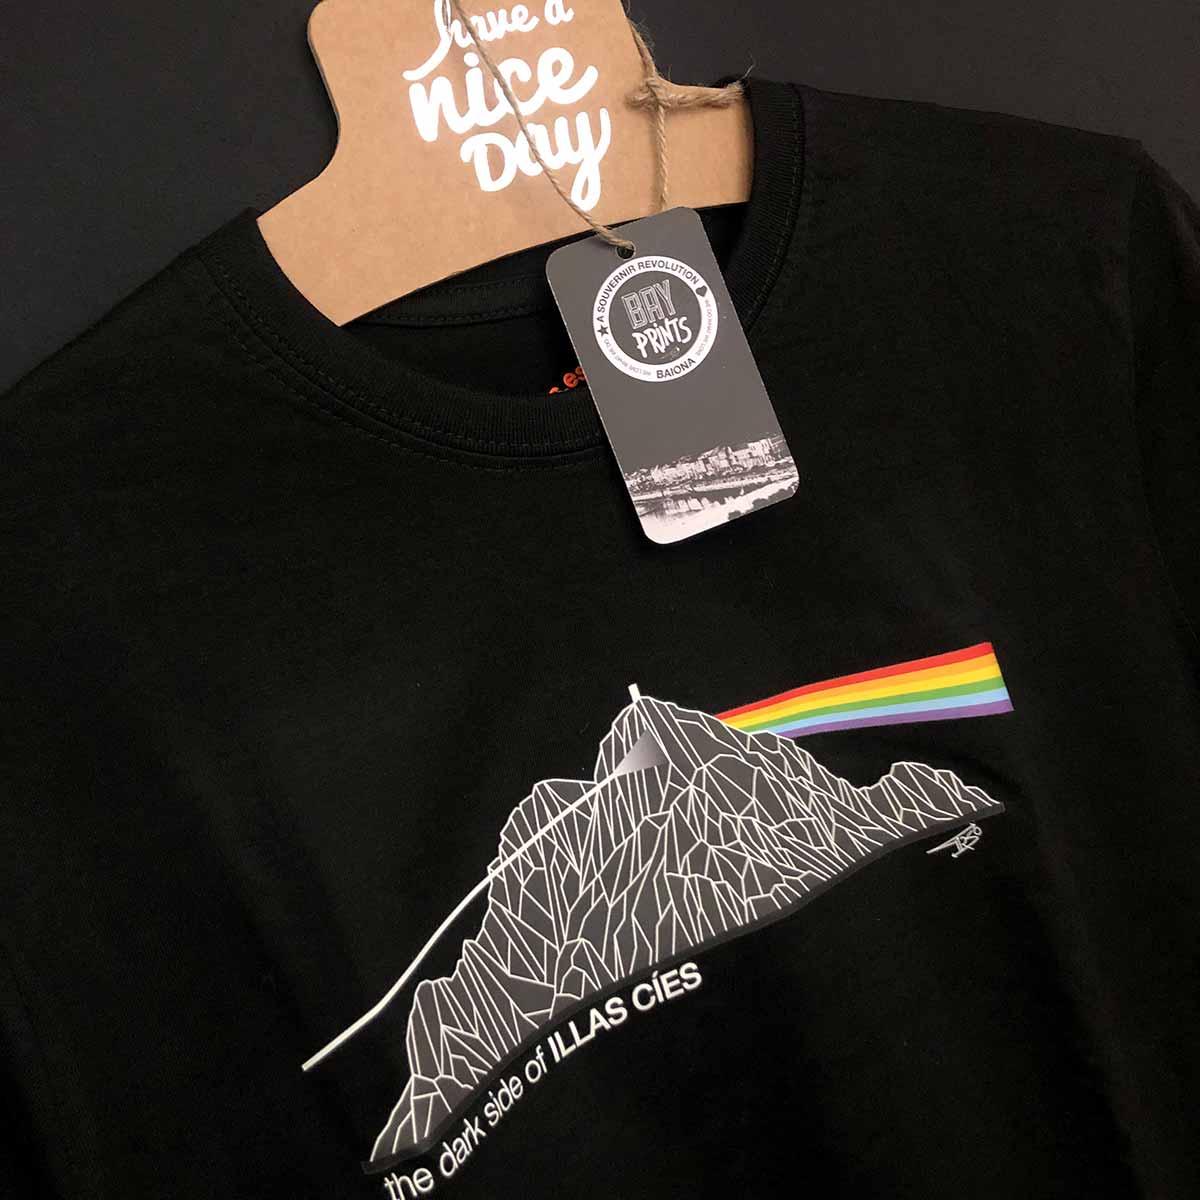 camiseta baiona islas cies tienda camisetas souvenirs baiona souvenirs singulares diseños creativos camisetas online islas atlanticas